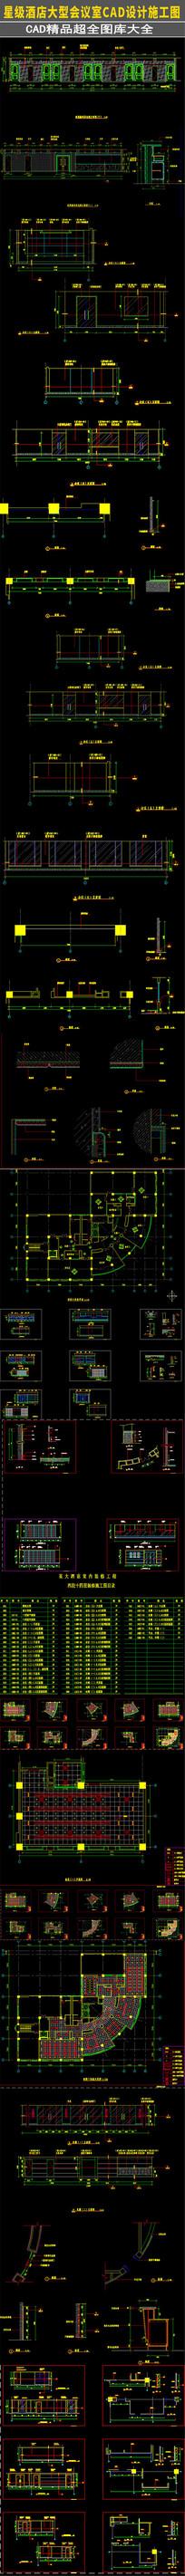 整套大型星级酒店会议室CAD设计